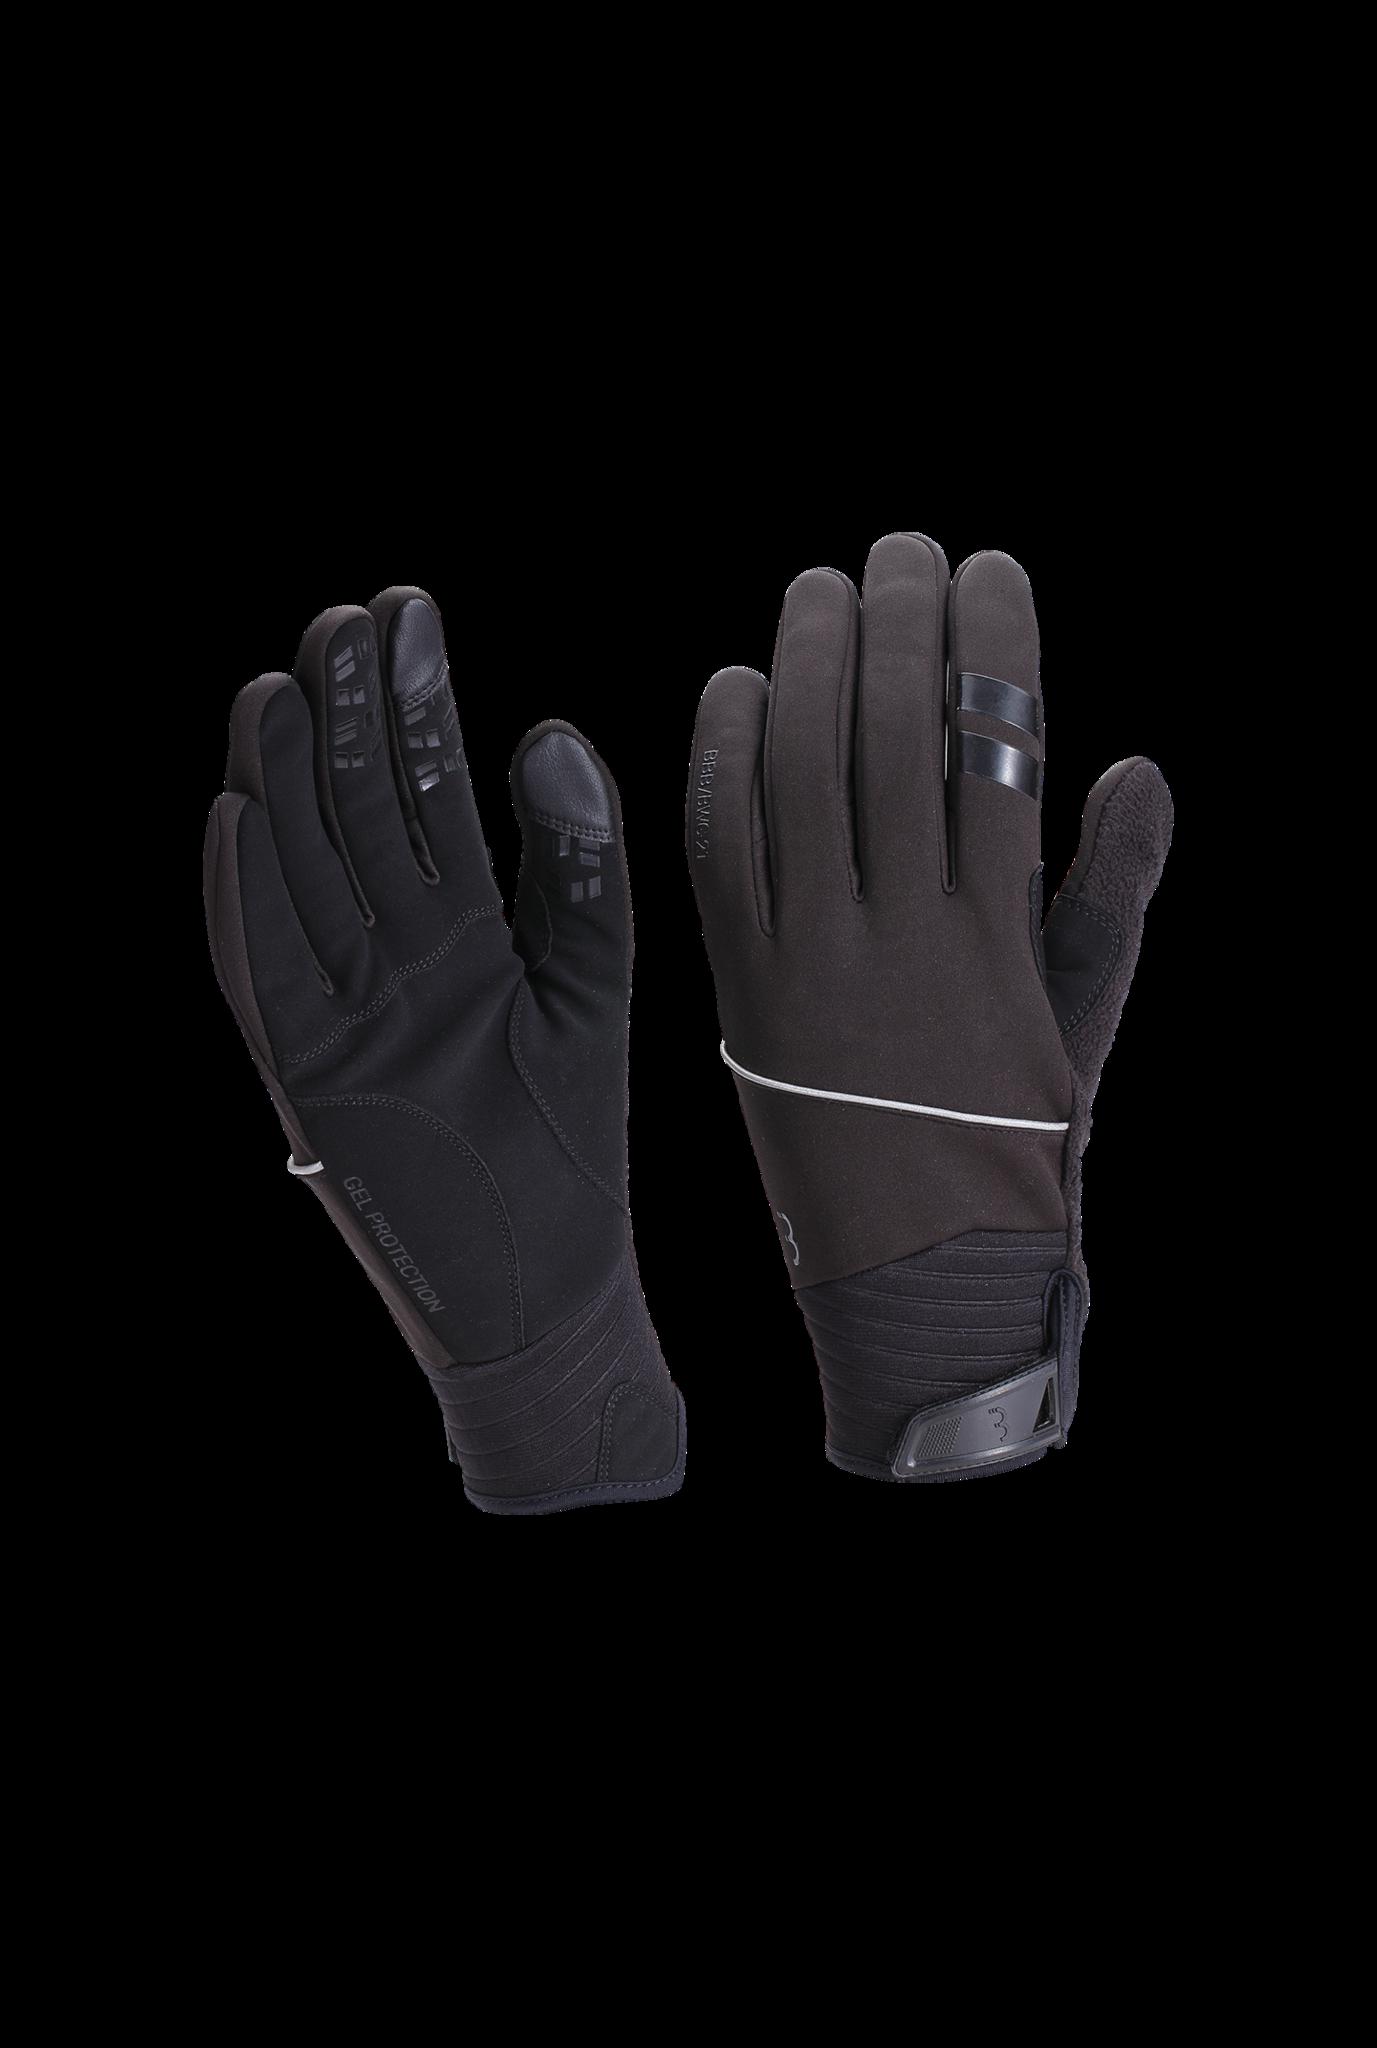 winterhandschoenen ControlZone 17-1